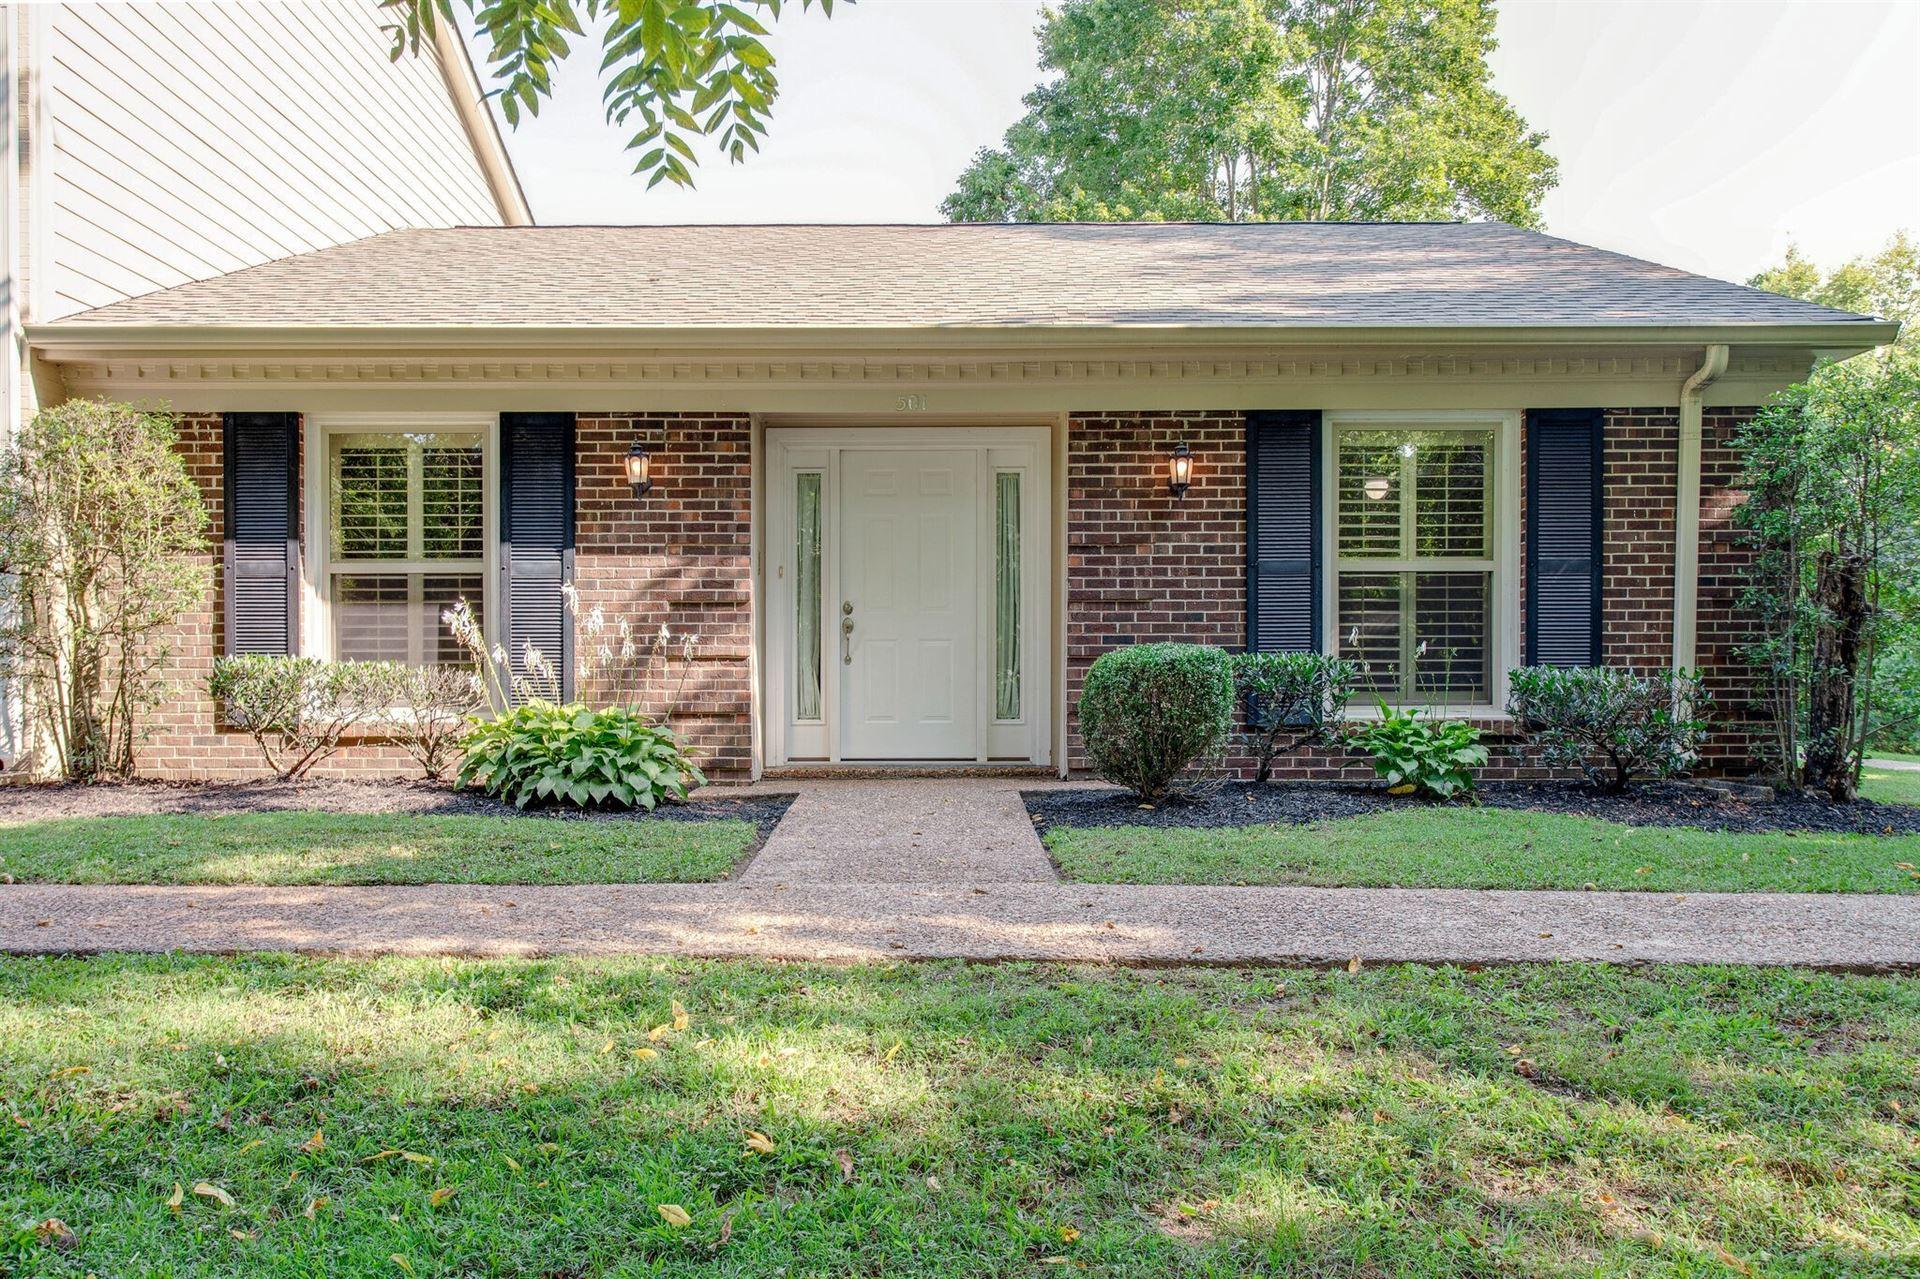 501 Plantation Ct, Nashville, TN 37221 - MLS#: 2202181